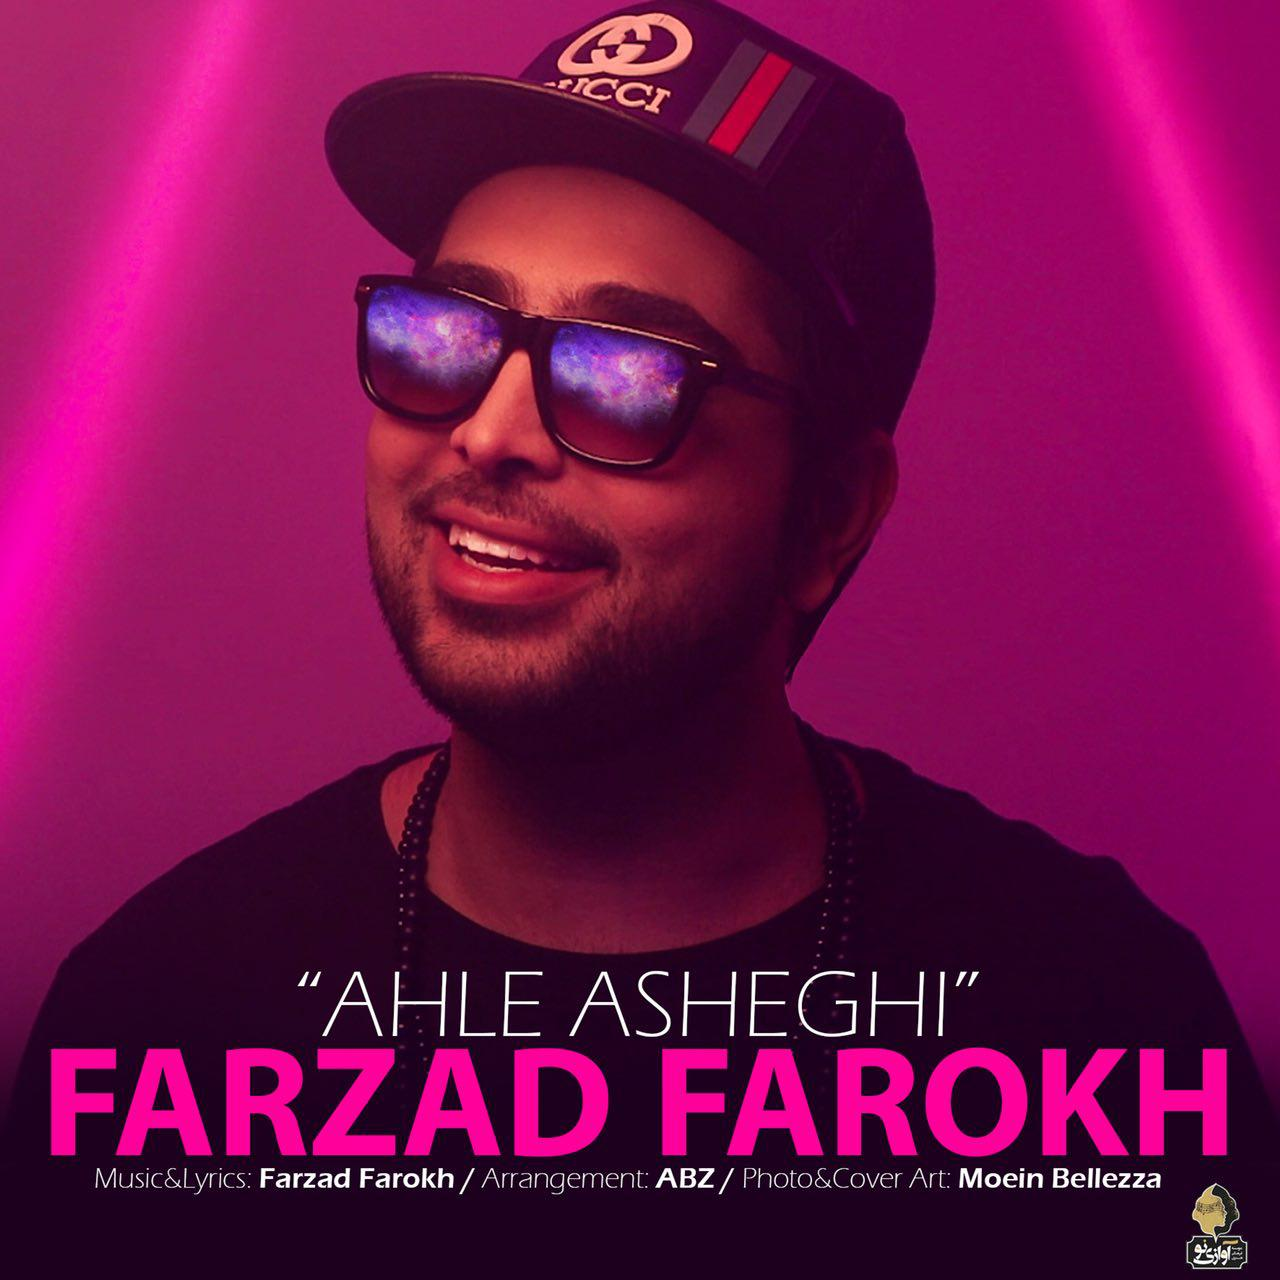 Farzad Farokh – Ahle Asheghi